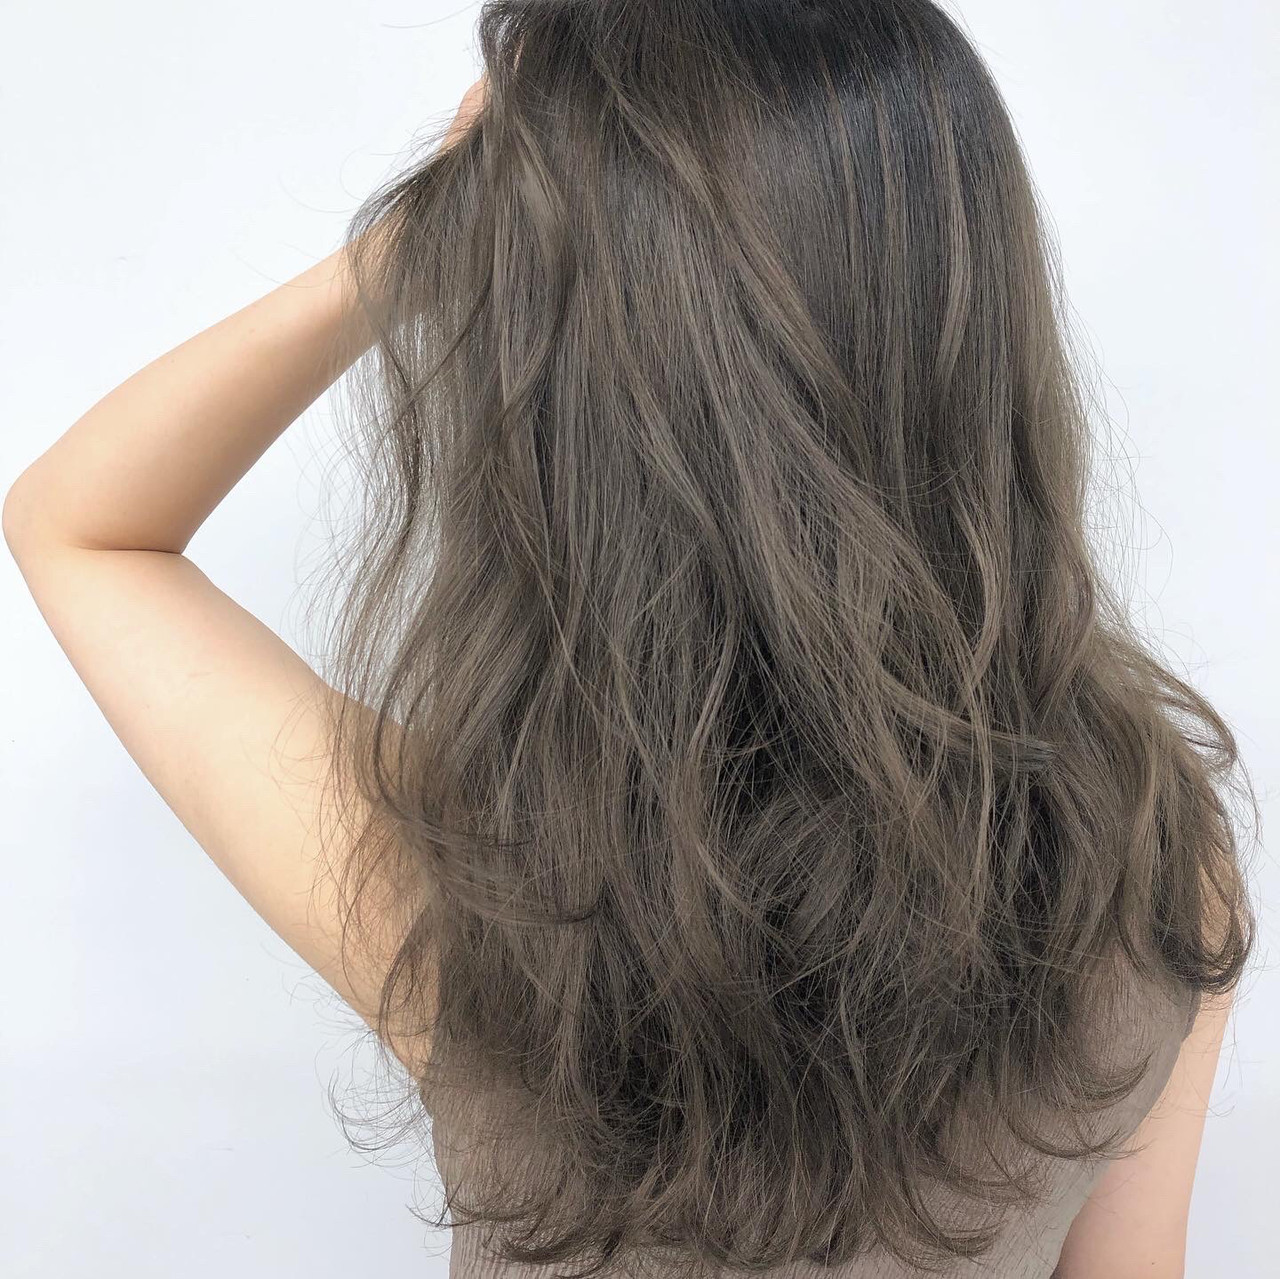 カーキアッシュ オリーブアッシュ 外国人風カラー ナチュラル ヘアスタイルや髪型の写真・画像